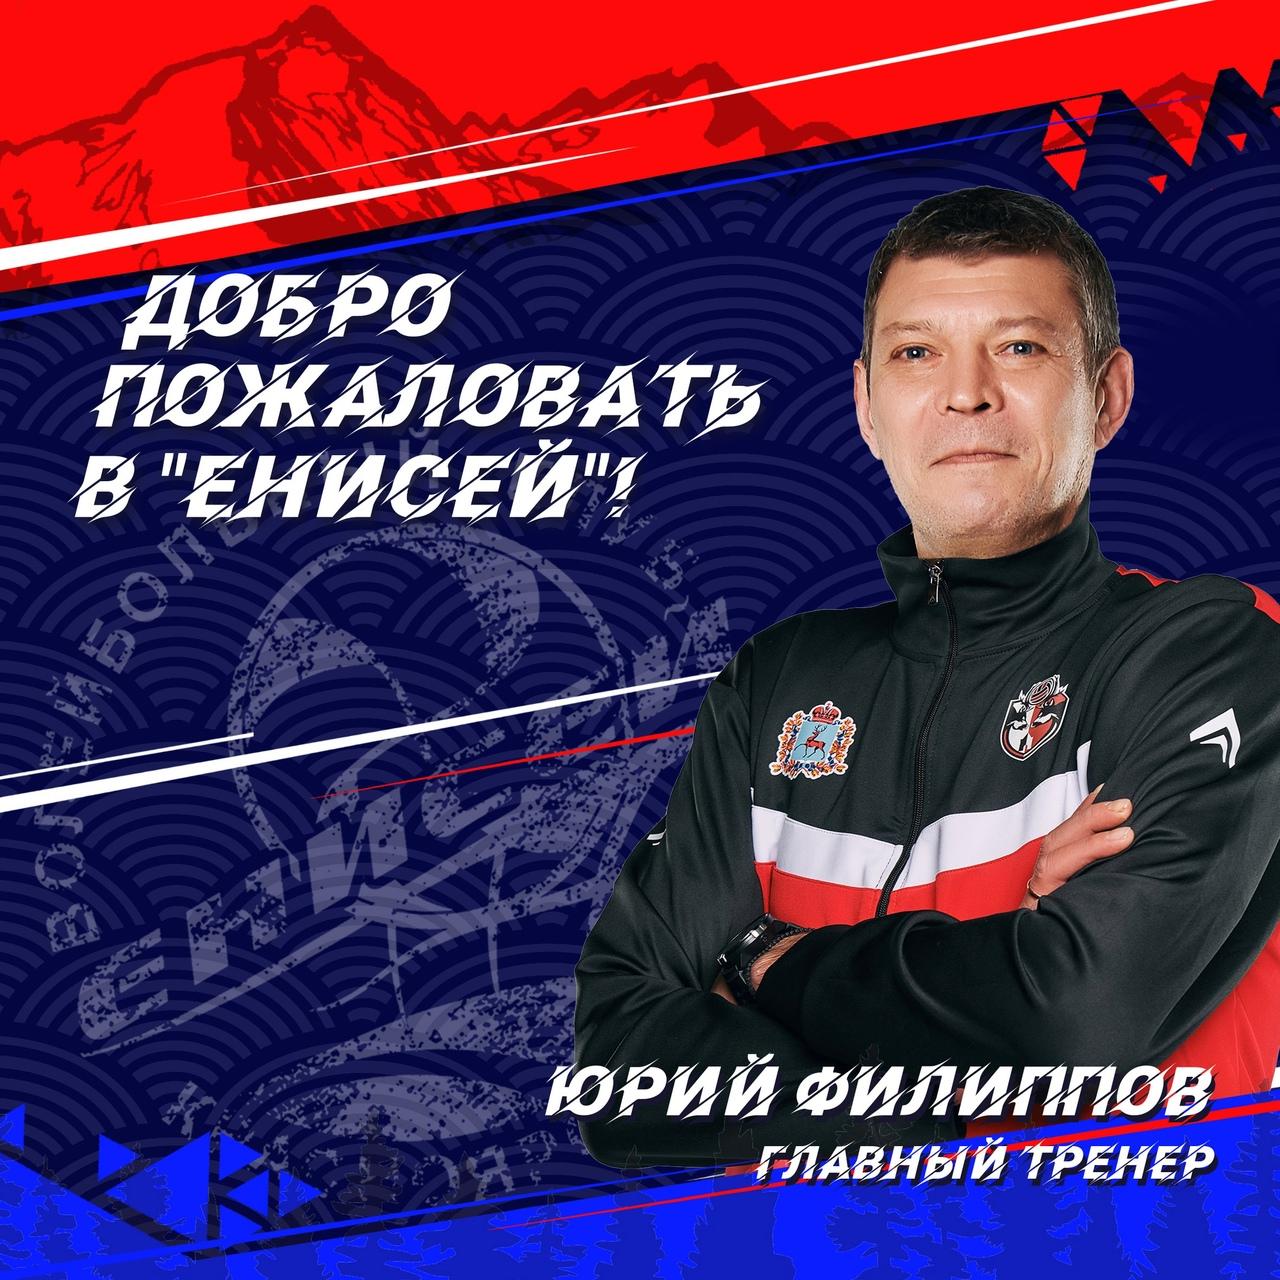 Состав волейбольного клуба енисей мужчины 9 мая в москве клуб